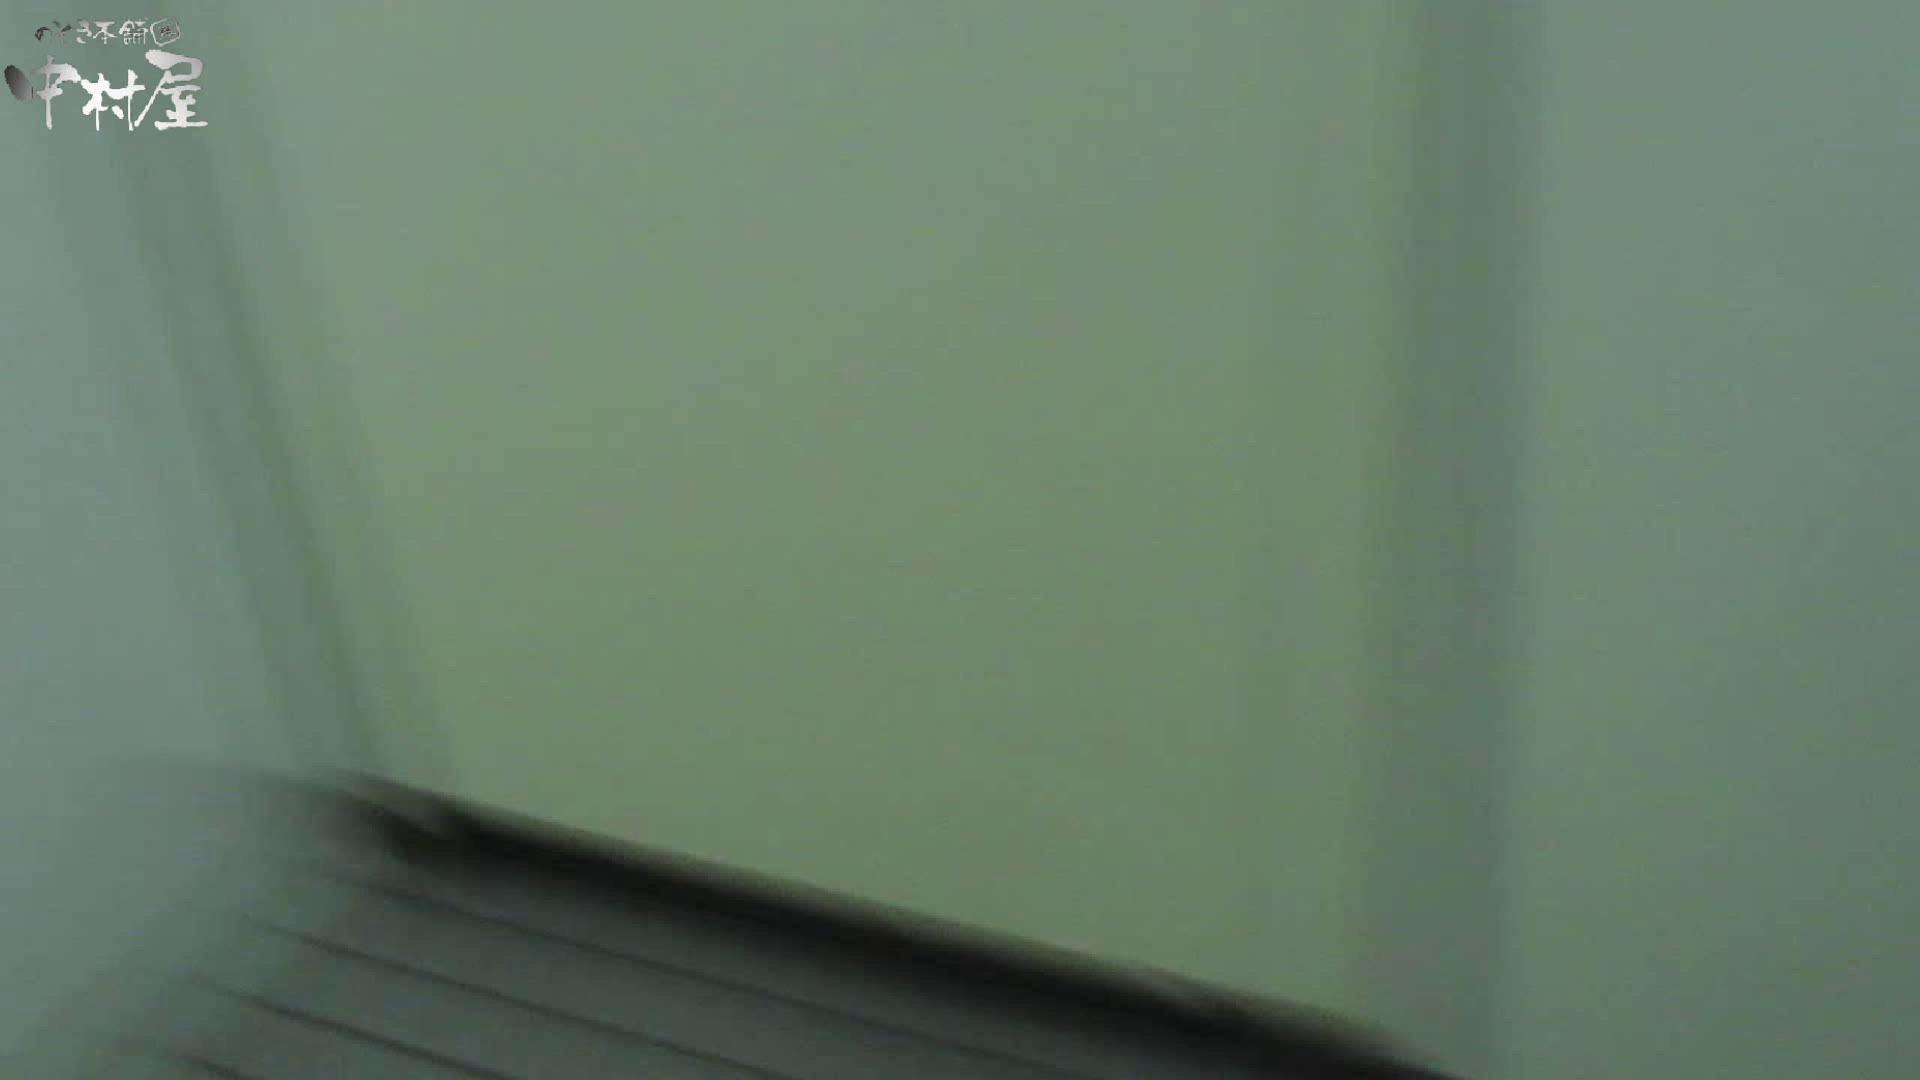 魂のかわや盗撮62連発! ロンハーギャル! 45発目! 女体盗撮 | 黄金水  93連発 49